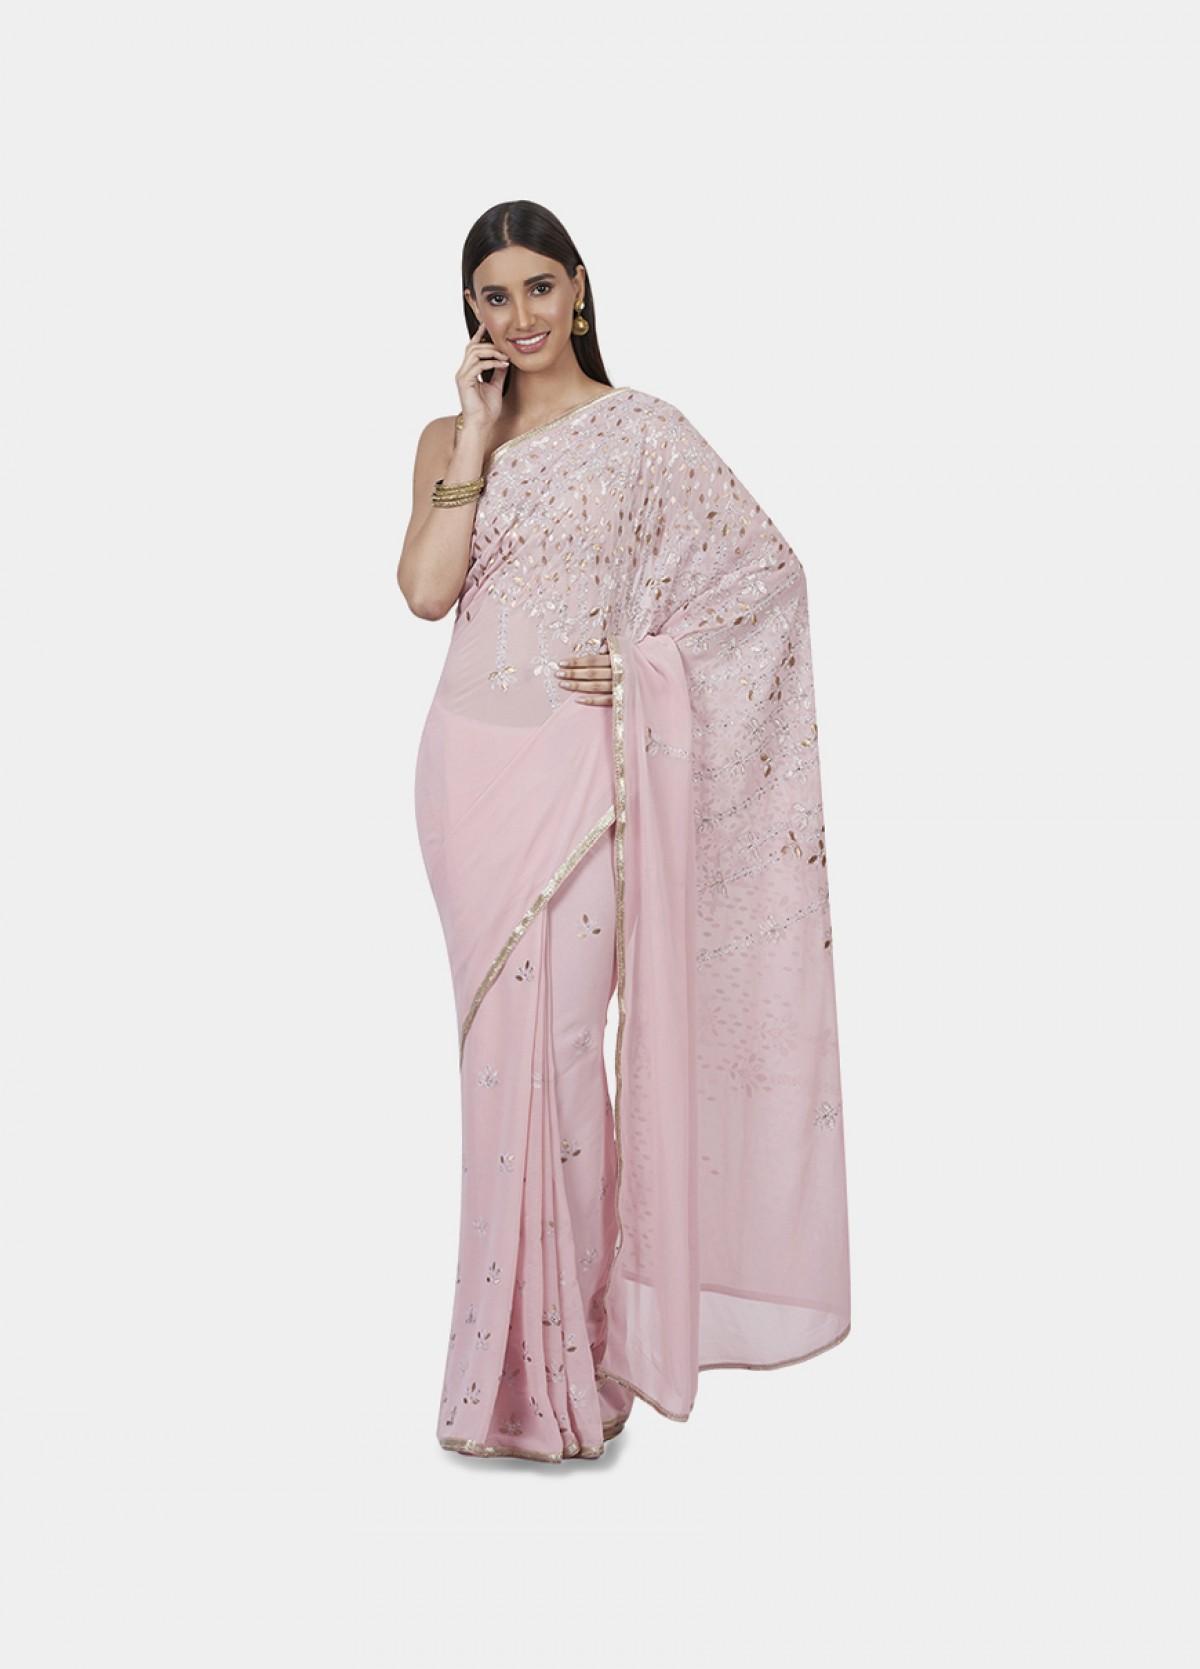 The Metallic Blooms Sari